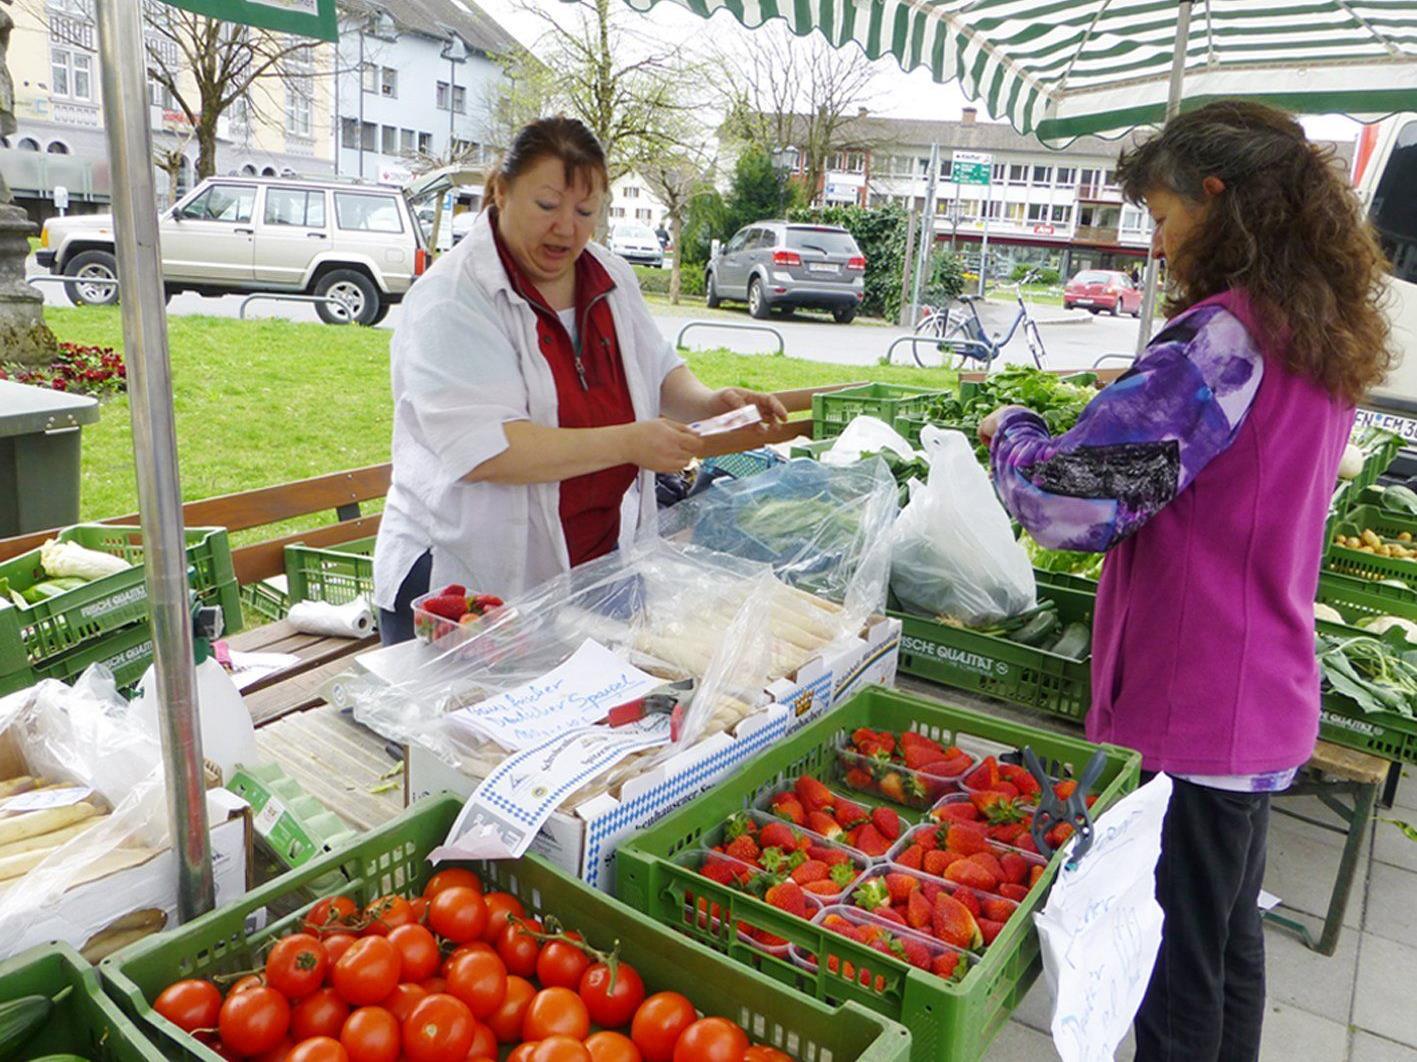 Der Wochenmarkt soll attraktiver gestaltet und an den alten Standort am Schlossplatz zurückverlegt werden.